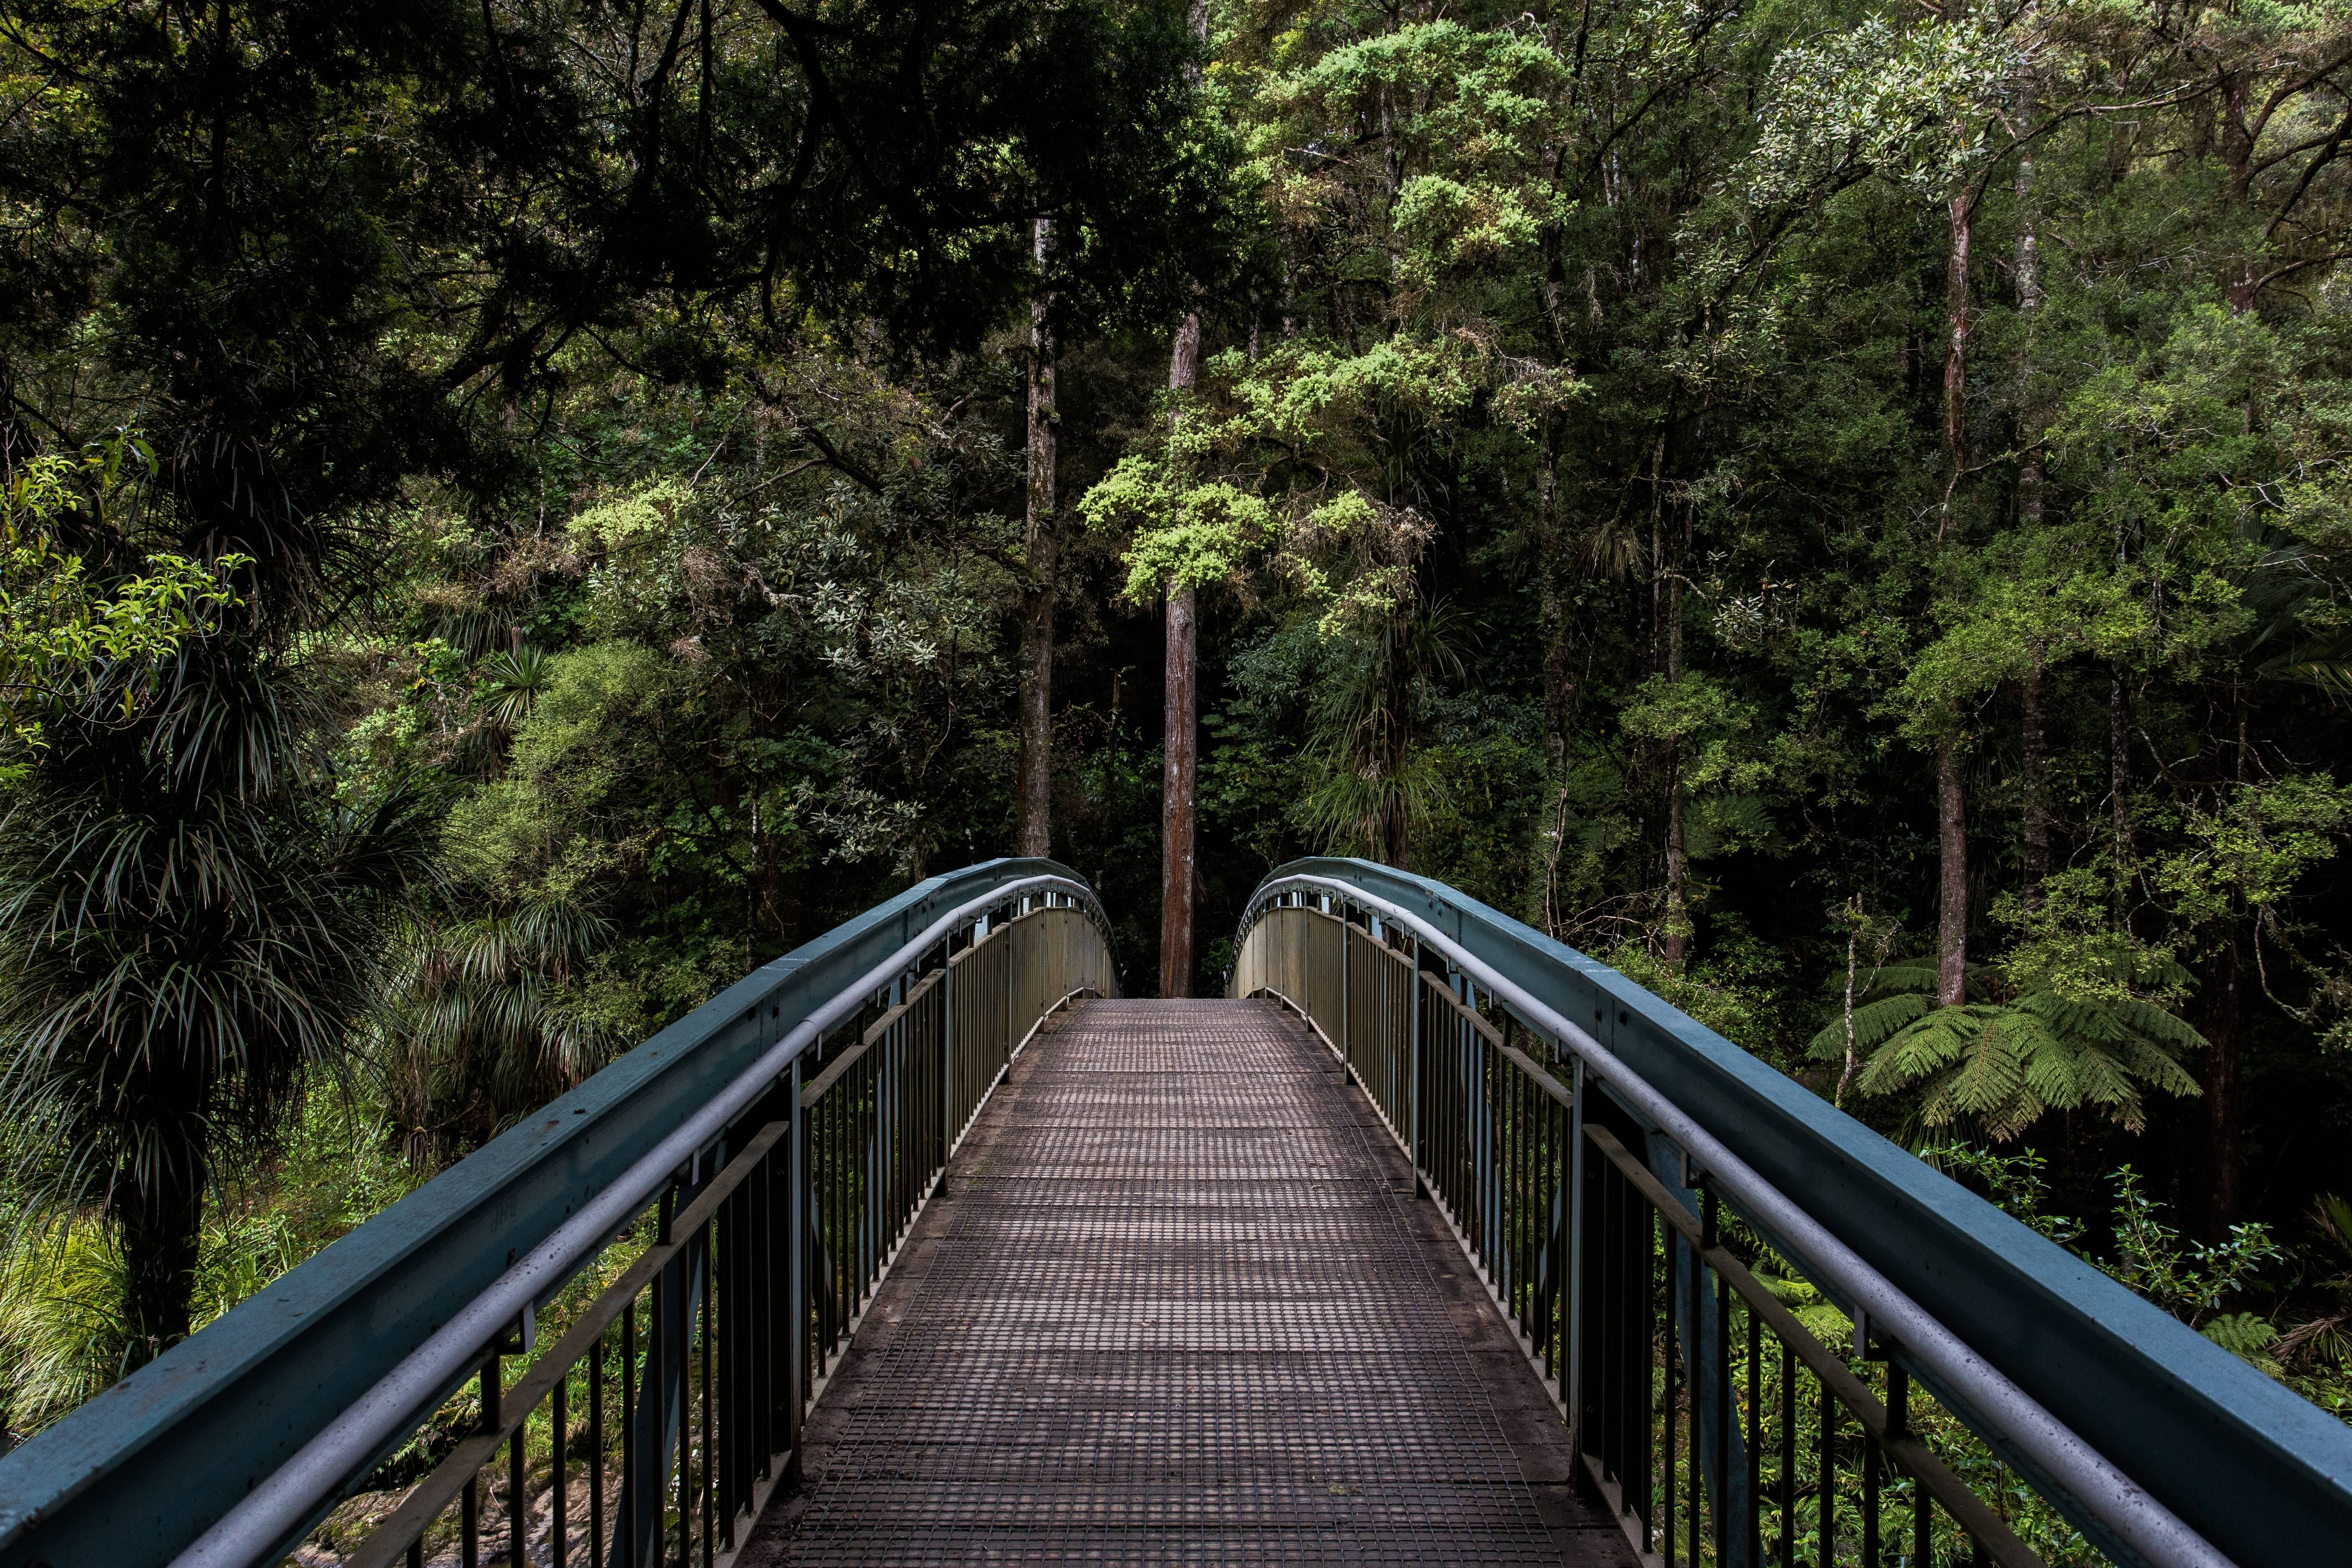 Bridge-and-tree-line